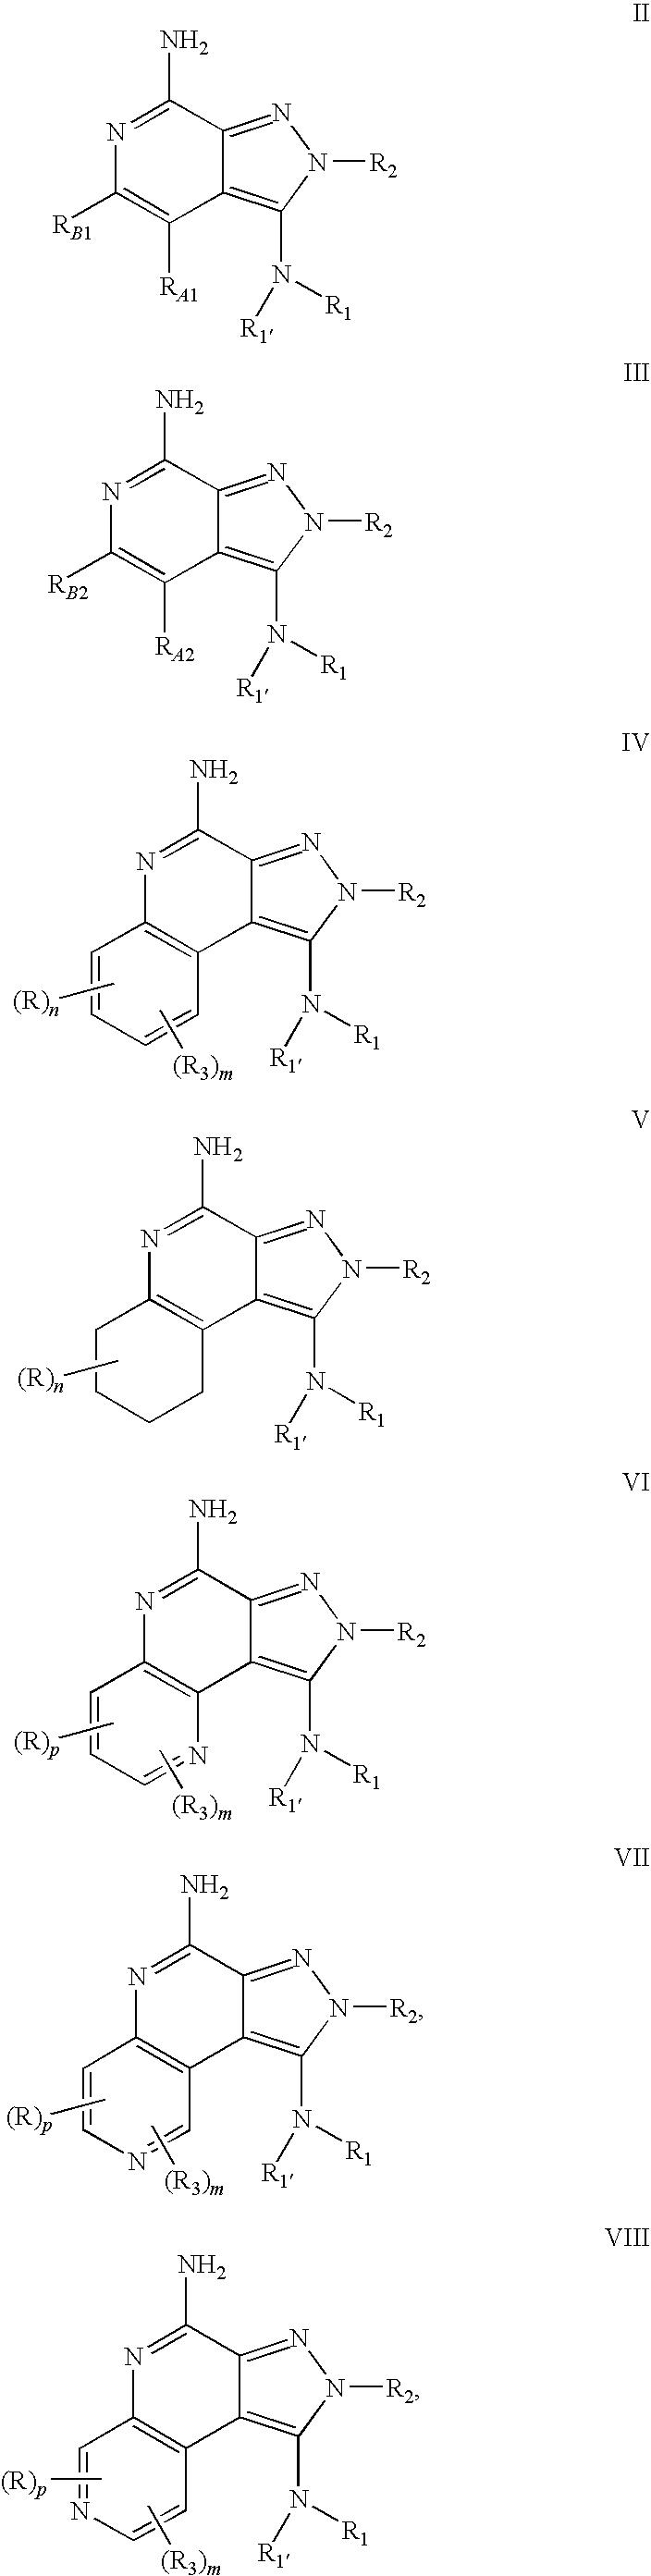 Figure US07943610-20110517-C00003